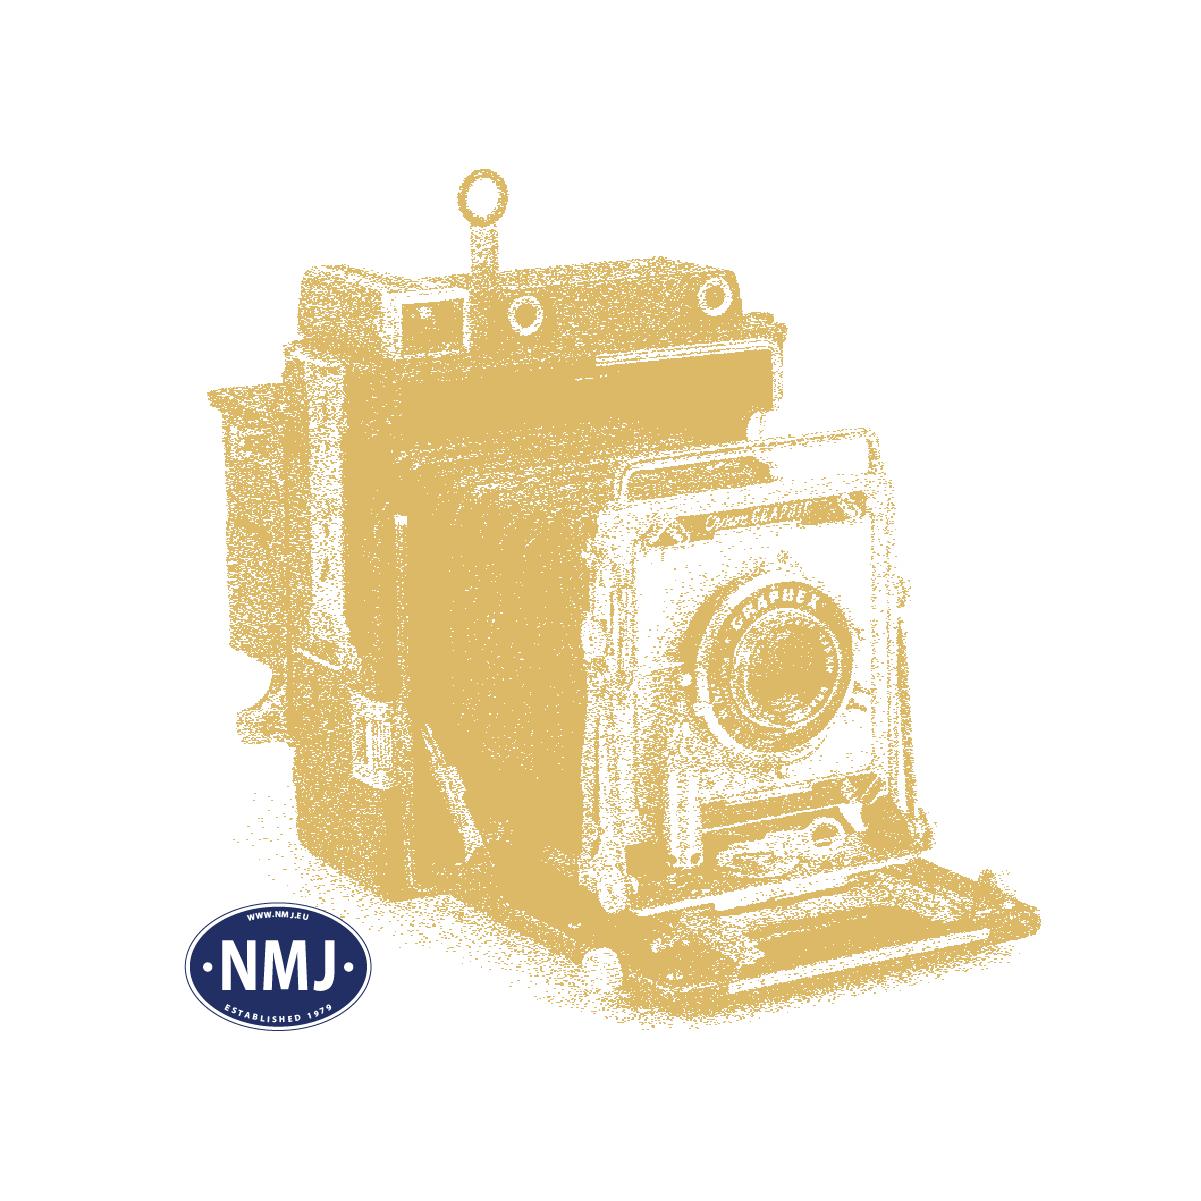 """ROC51318 - Digitalt Startsett """"z21 Start"""" m/ Damplok og 4 godsvogner"""